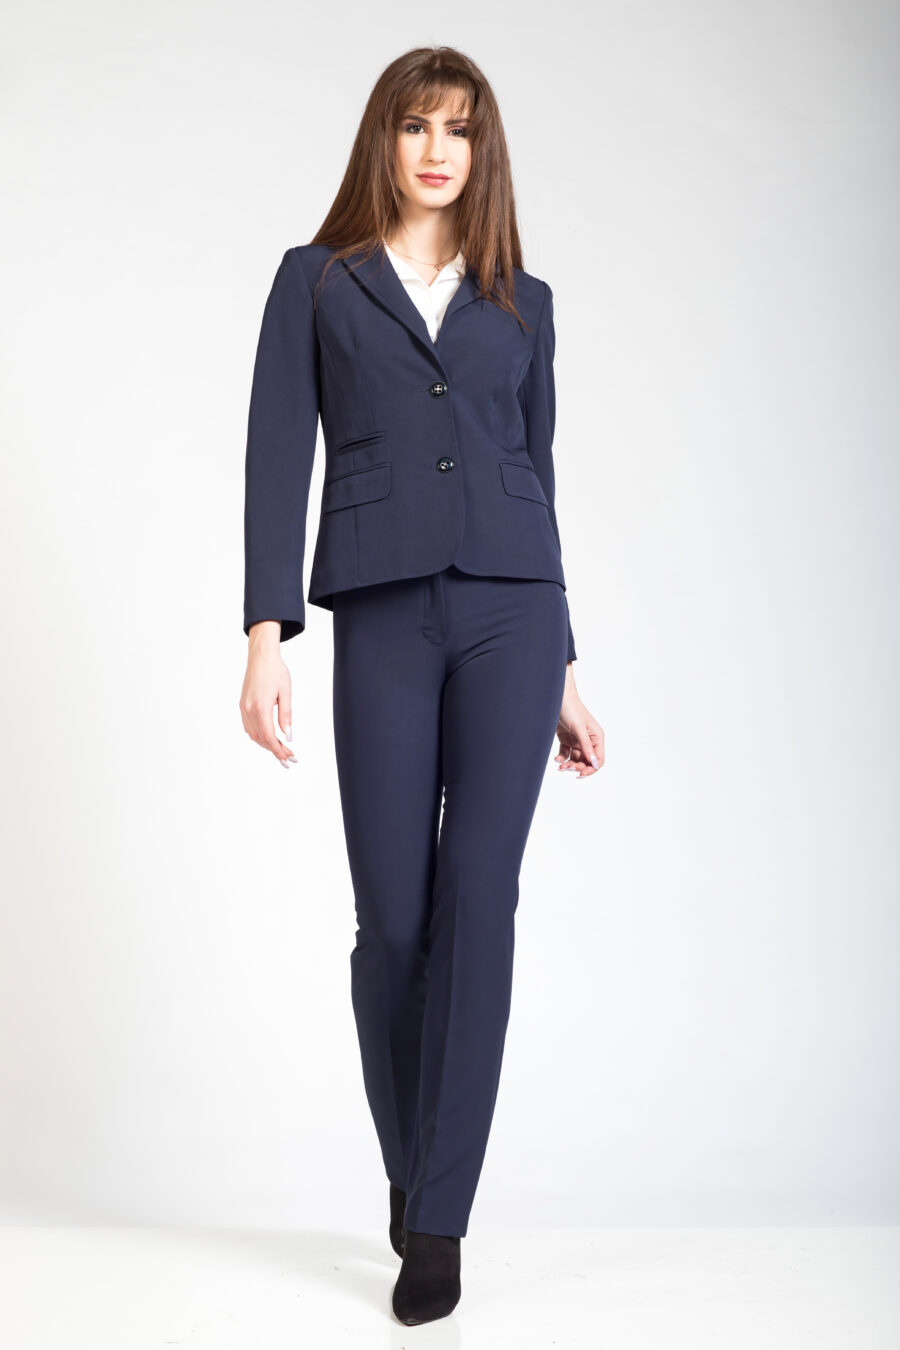 κουστούμι γυναικείο μπλε